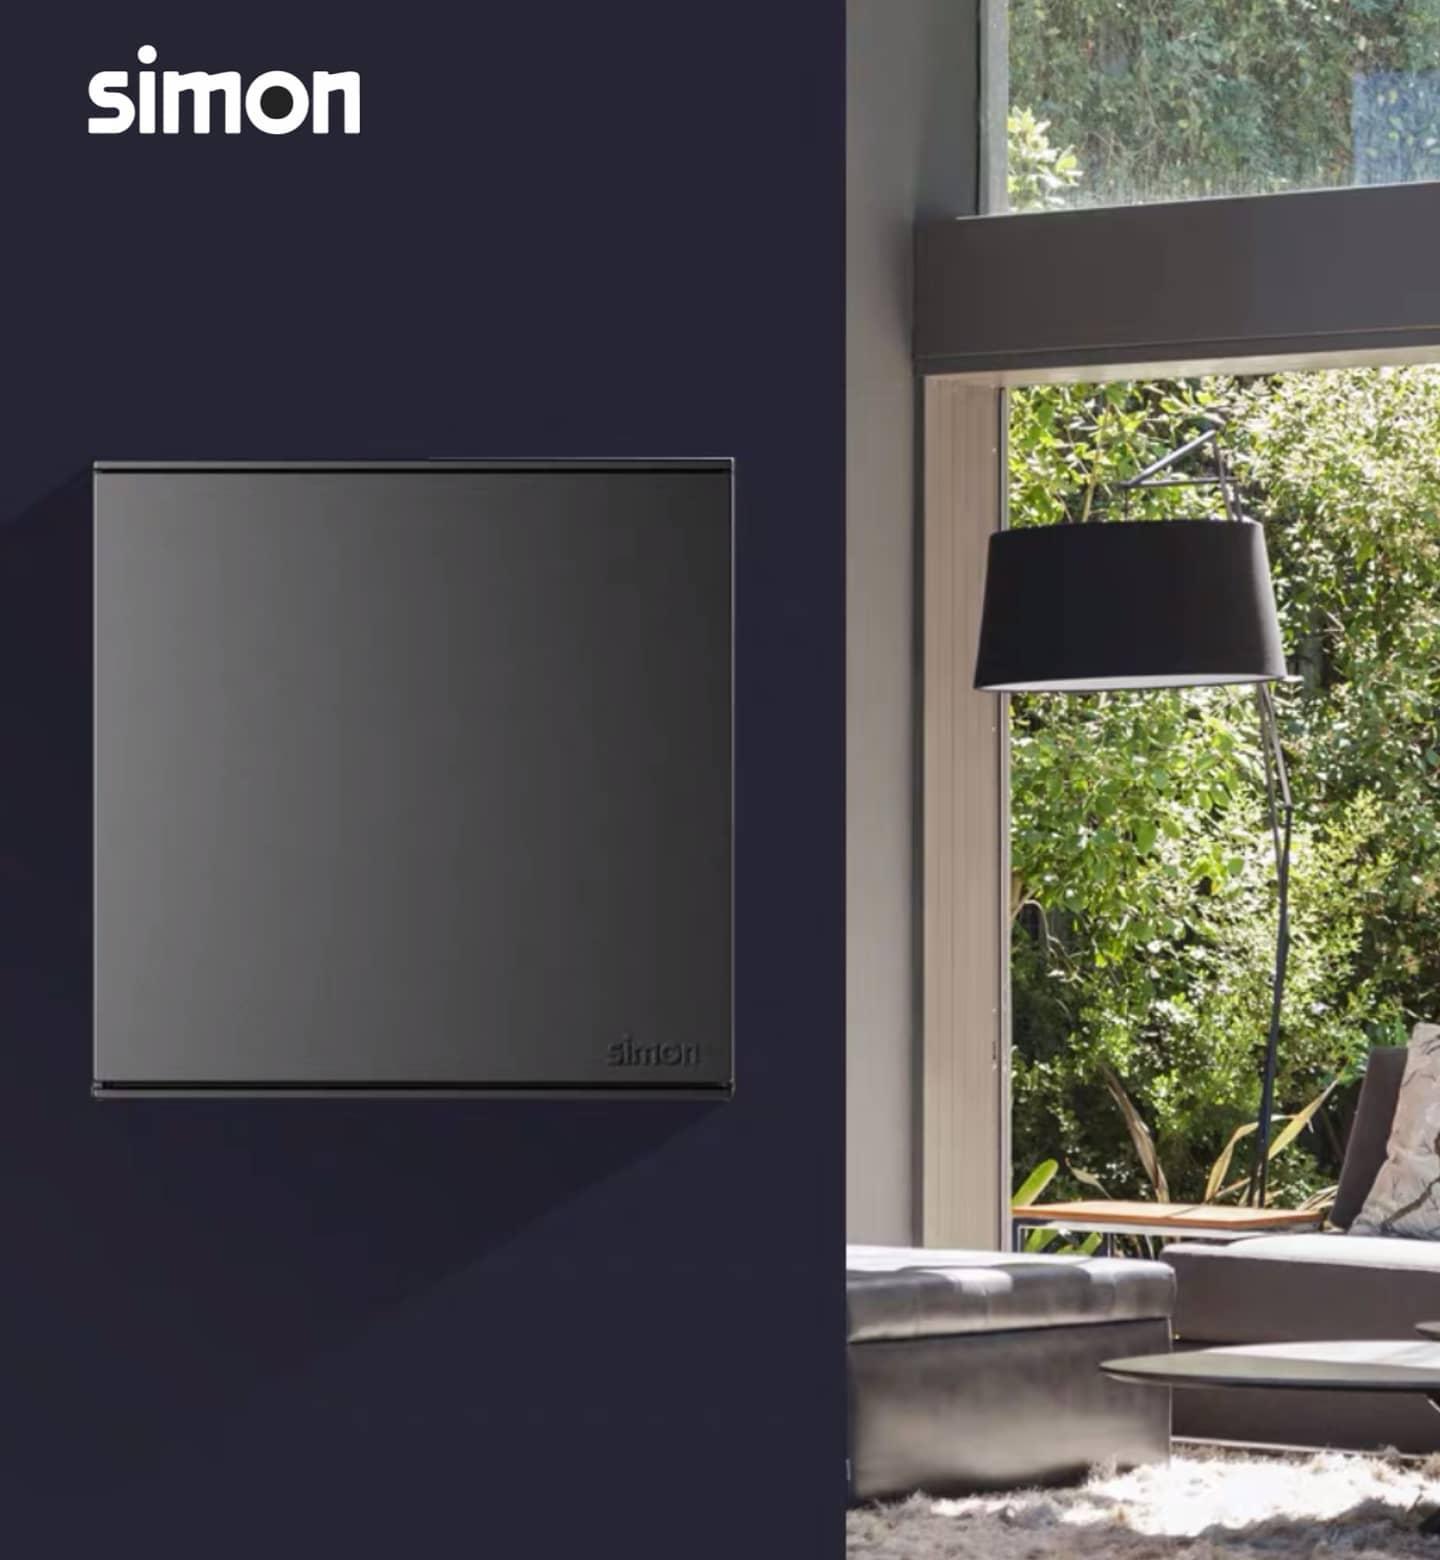 Simon Electric Light Switch E6 Series